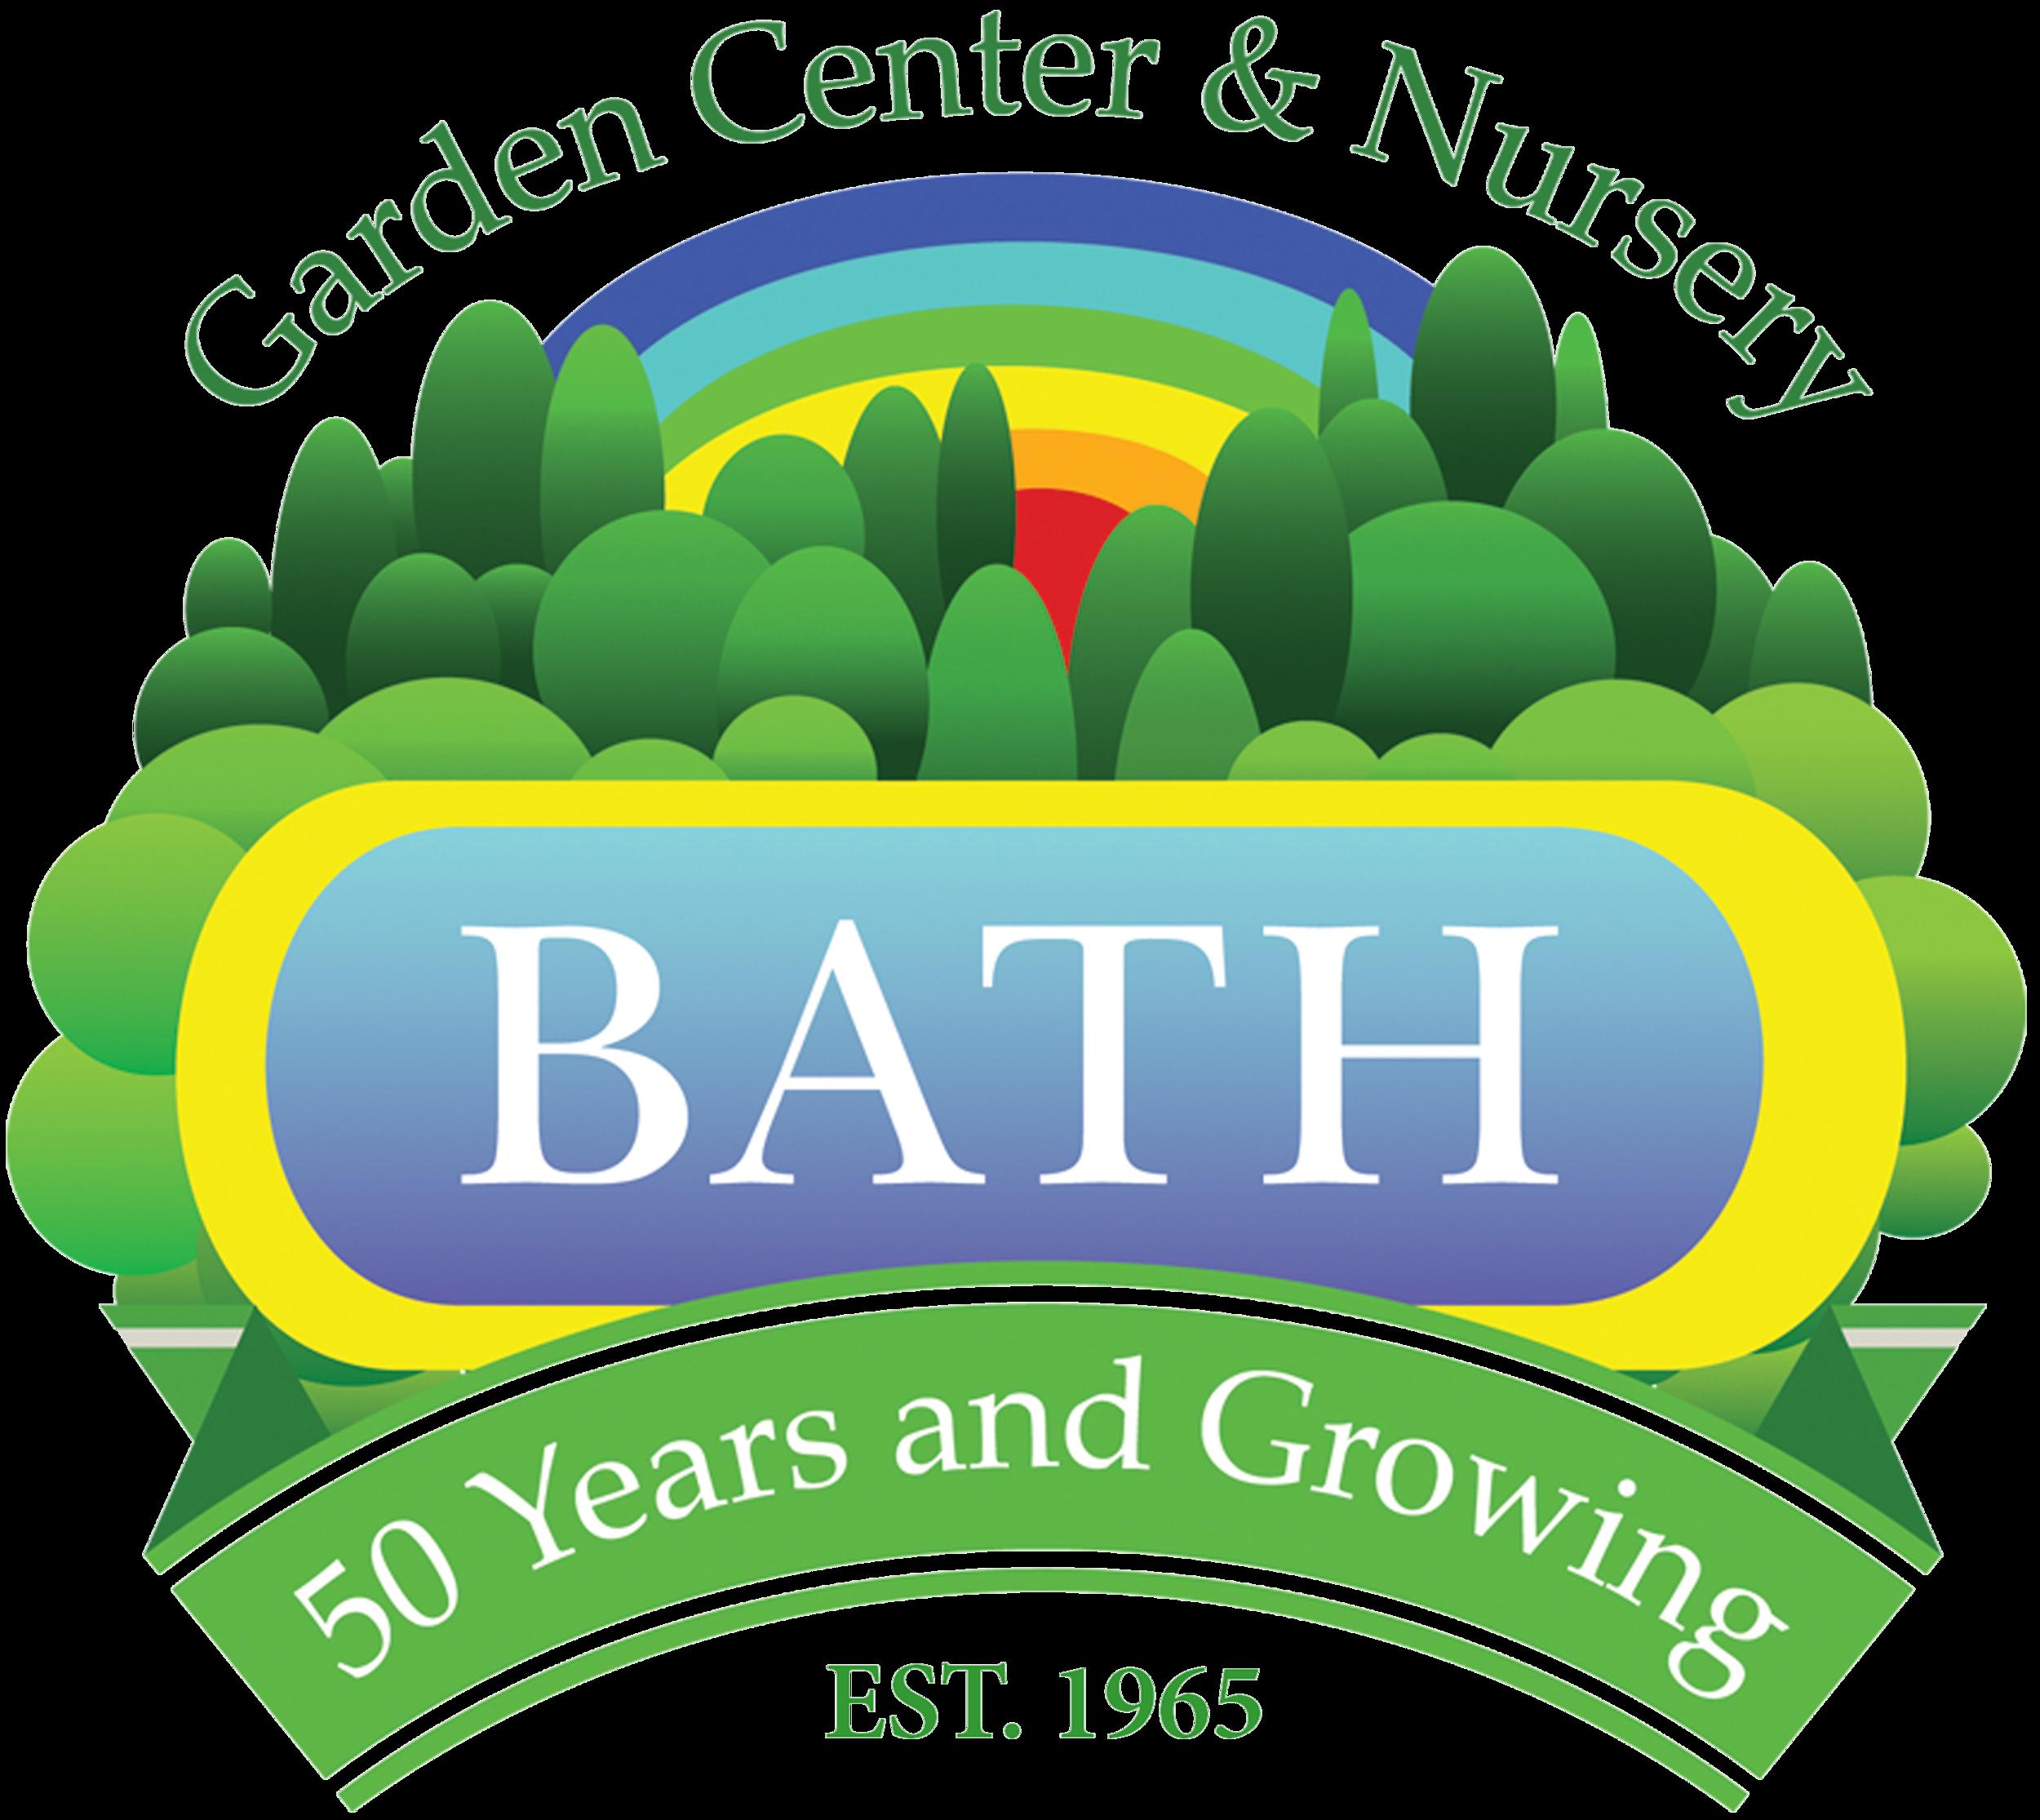 Bath Garden & Nursery Center logo